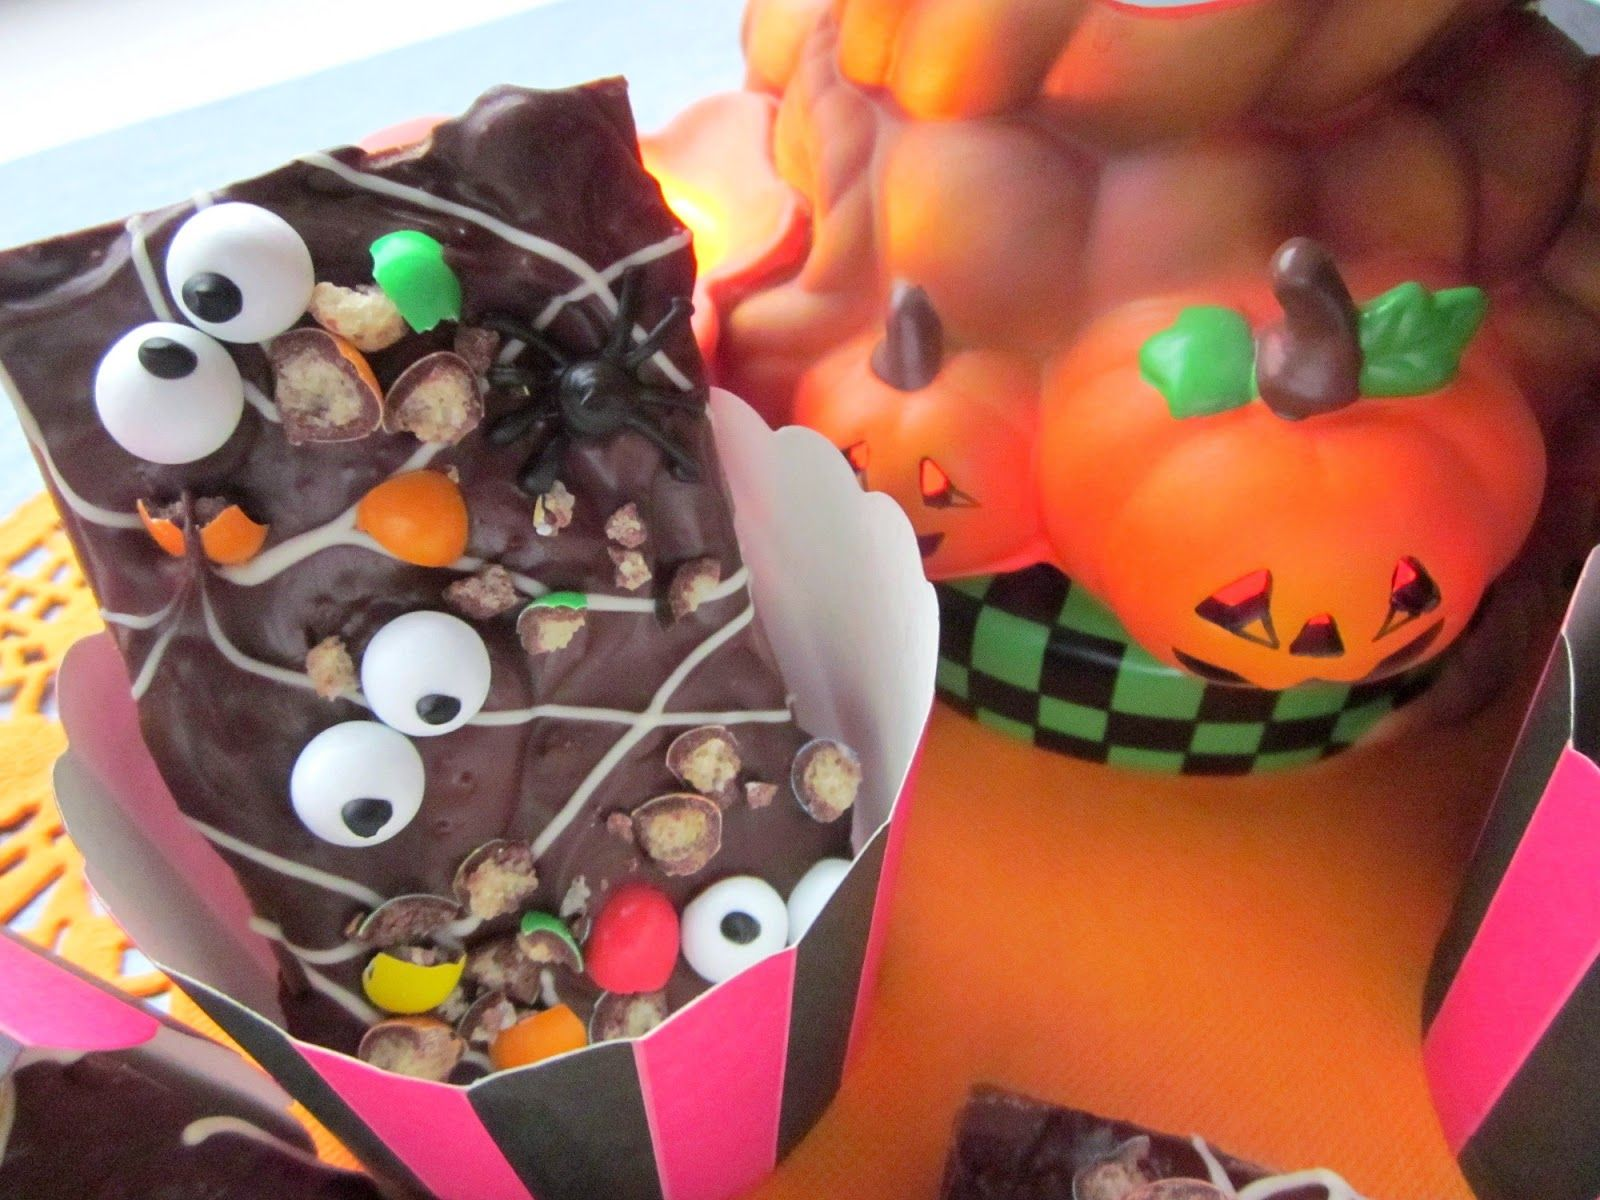 Halloweeniin kuuluu kaikenlaiset kammottavat syötävät. Välillä ne ovat niin ällöjä, että kauhistuttaa, mutta nämä tuunatut suklaat ovat aika...